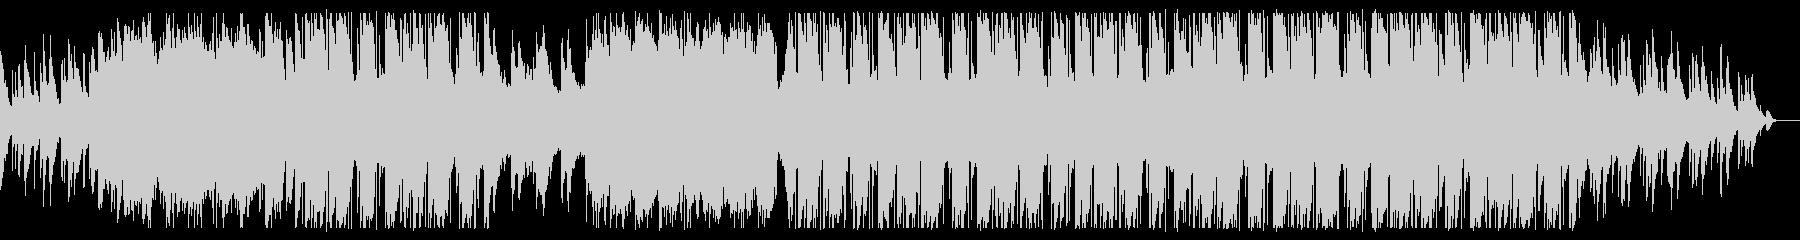 琴/和風だが今っぽいクールなヒップホップの未再生の波形